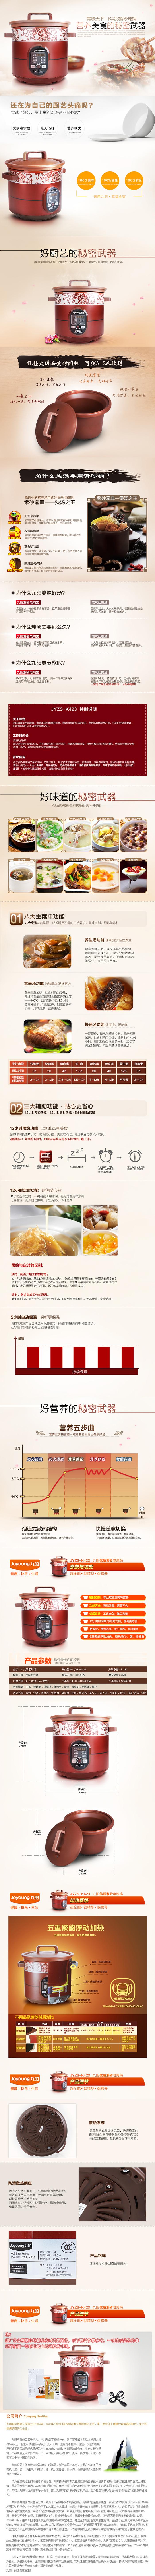 九阳营养王系列电炖锅jyzs-k423